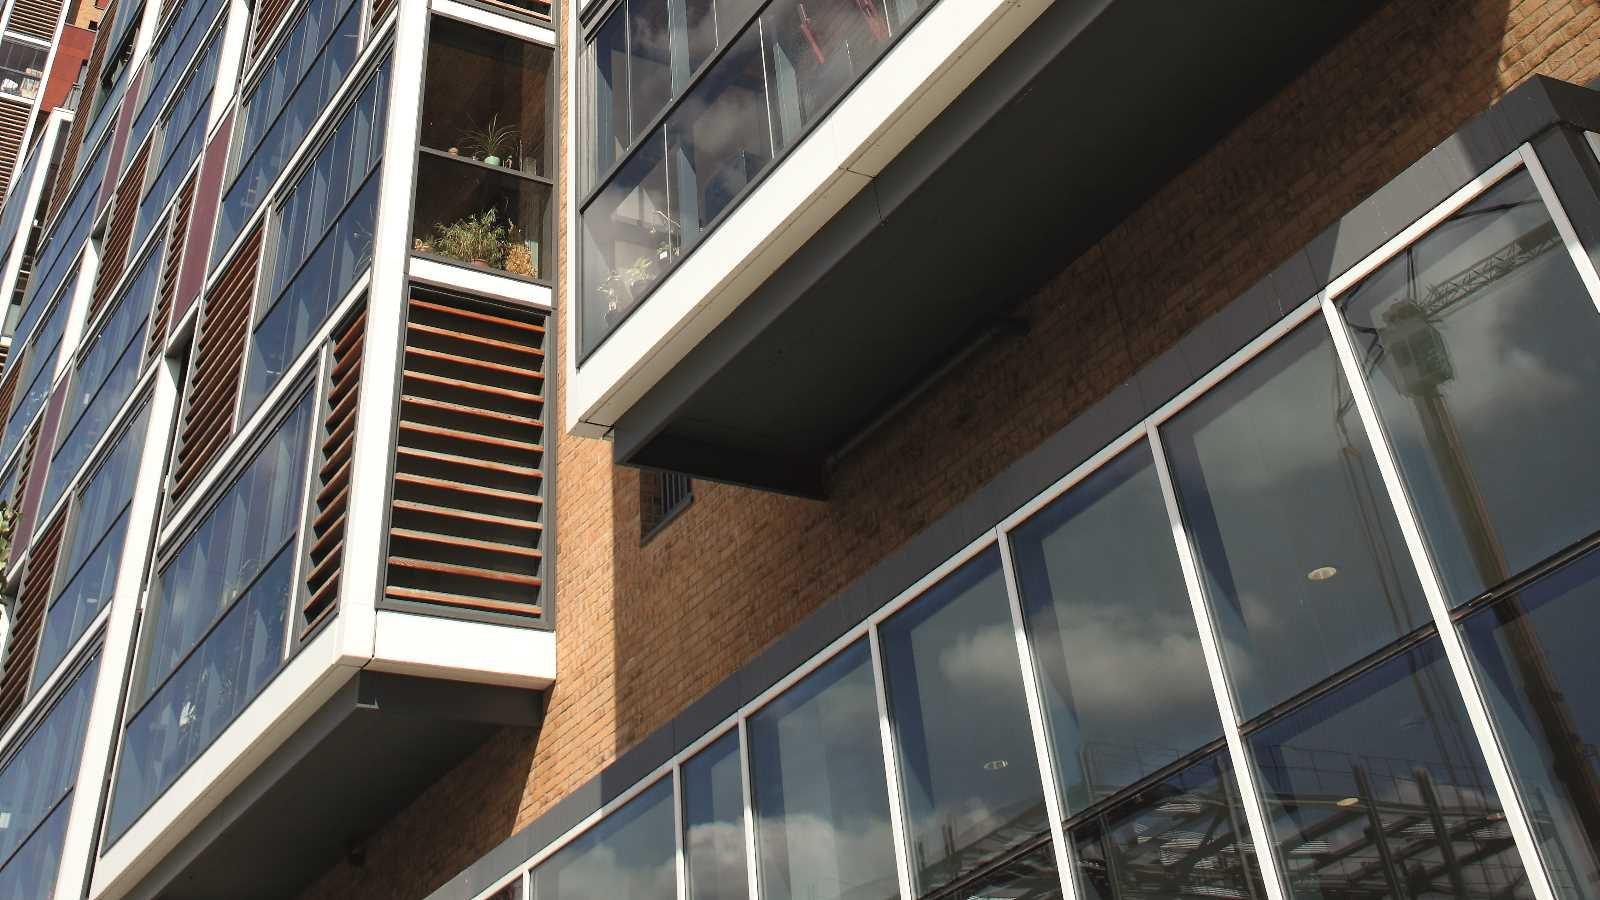 Ремонт лоджии 6 метров: фото, рекомендации специалистов.